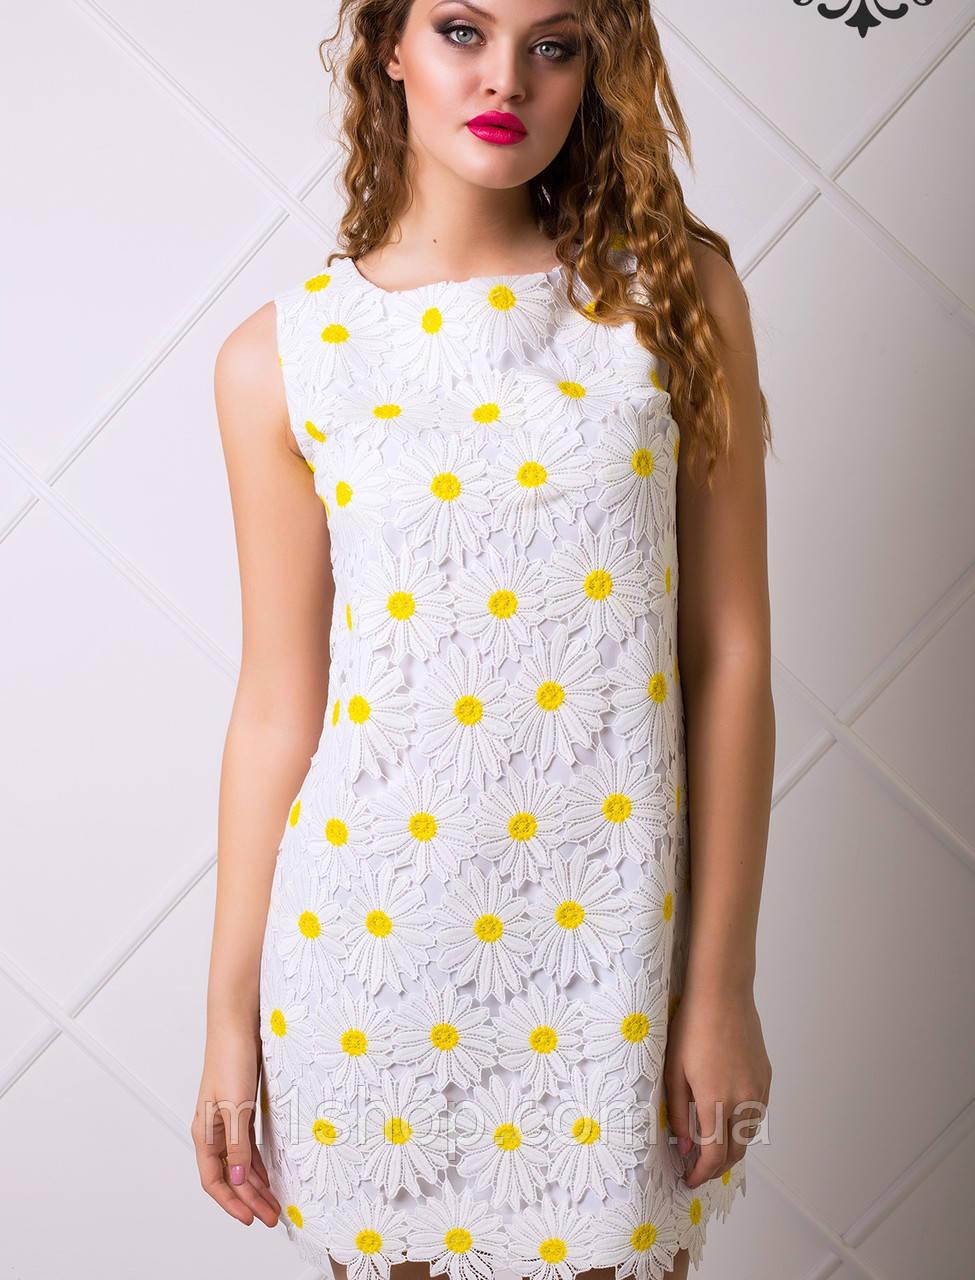 Платье с большими ромашками